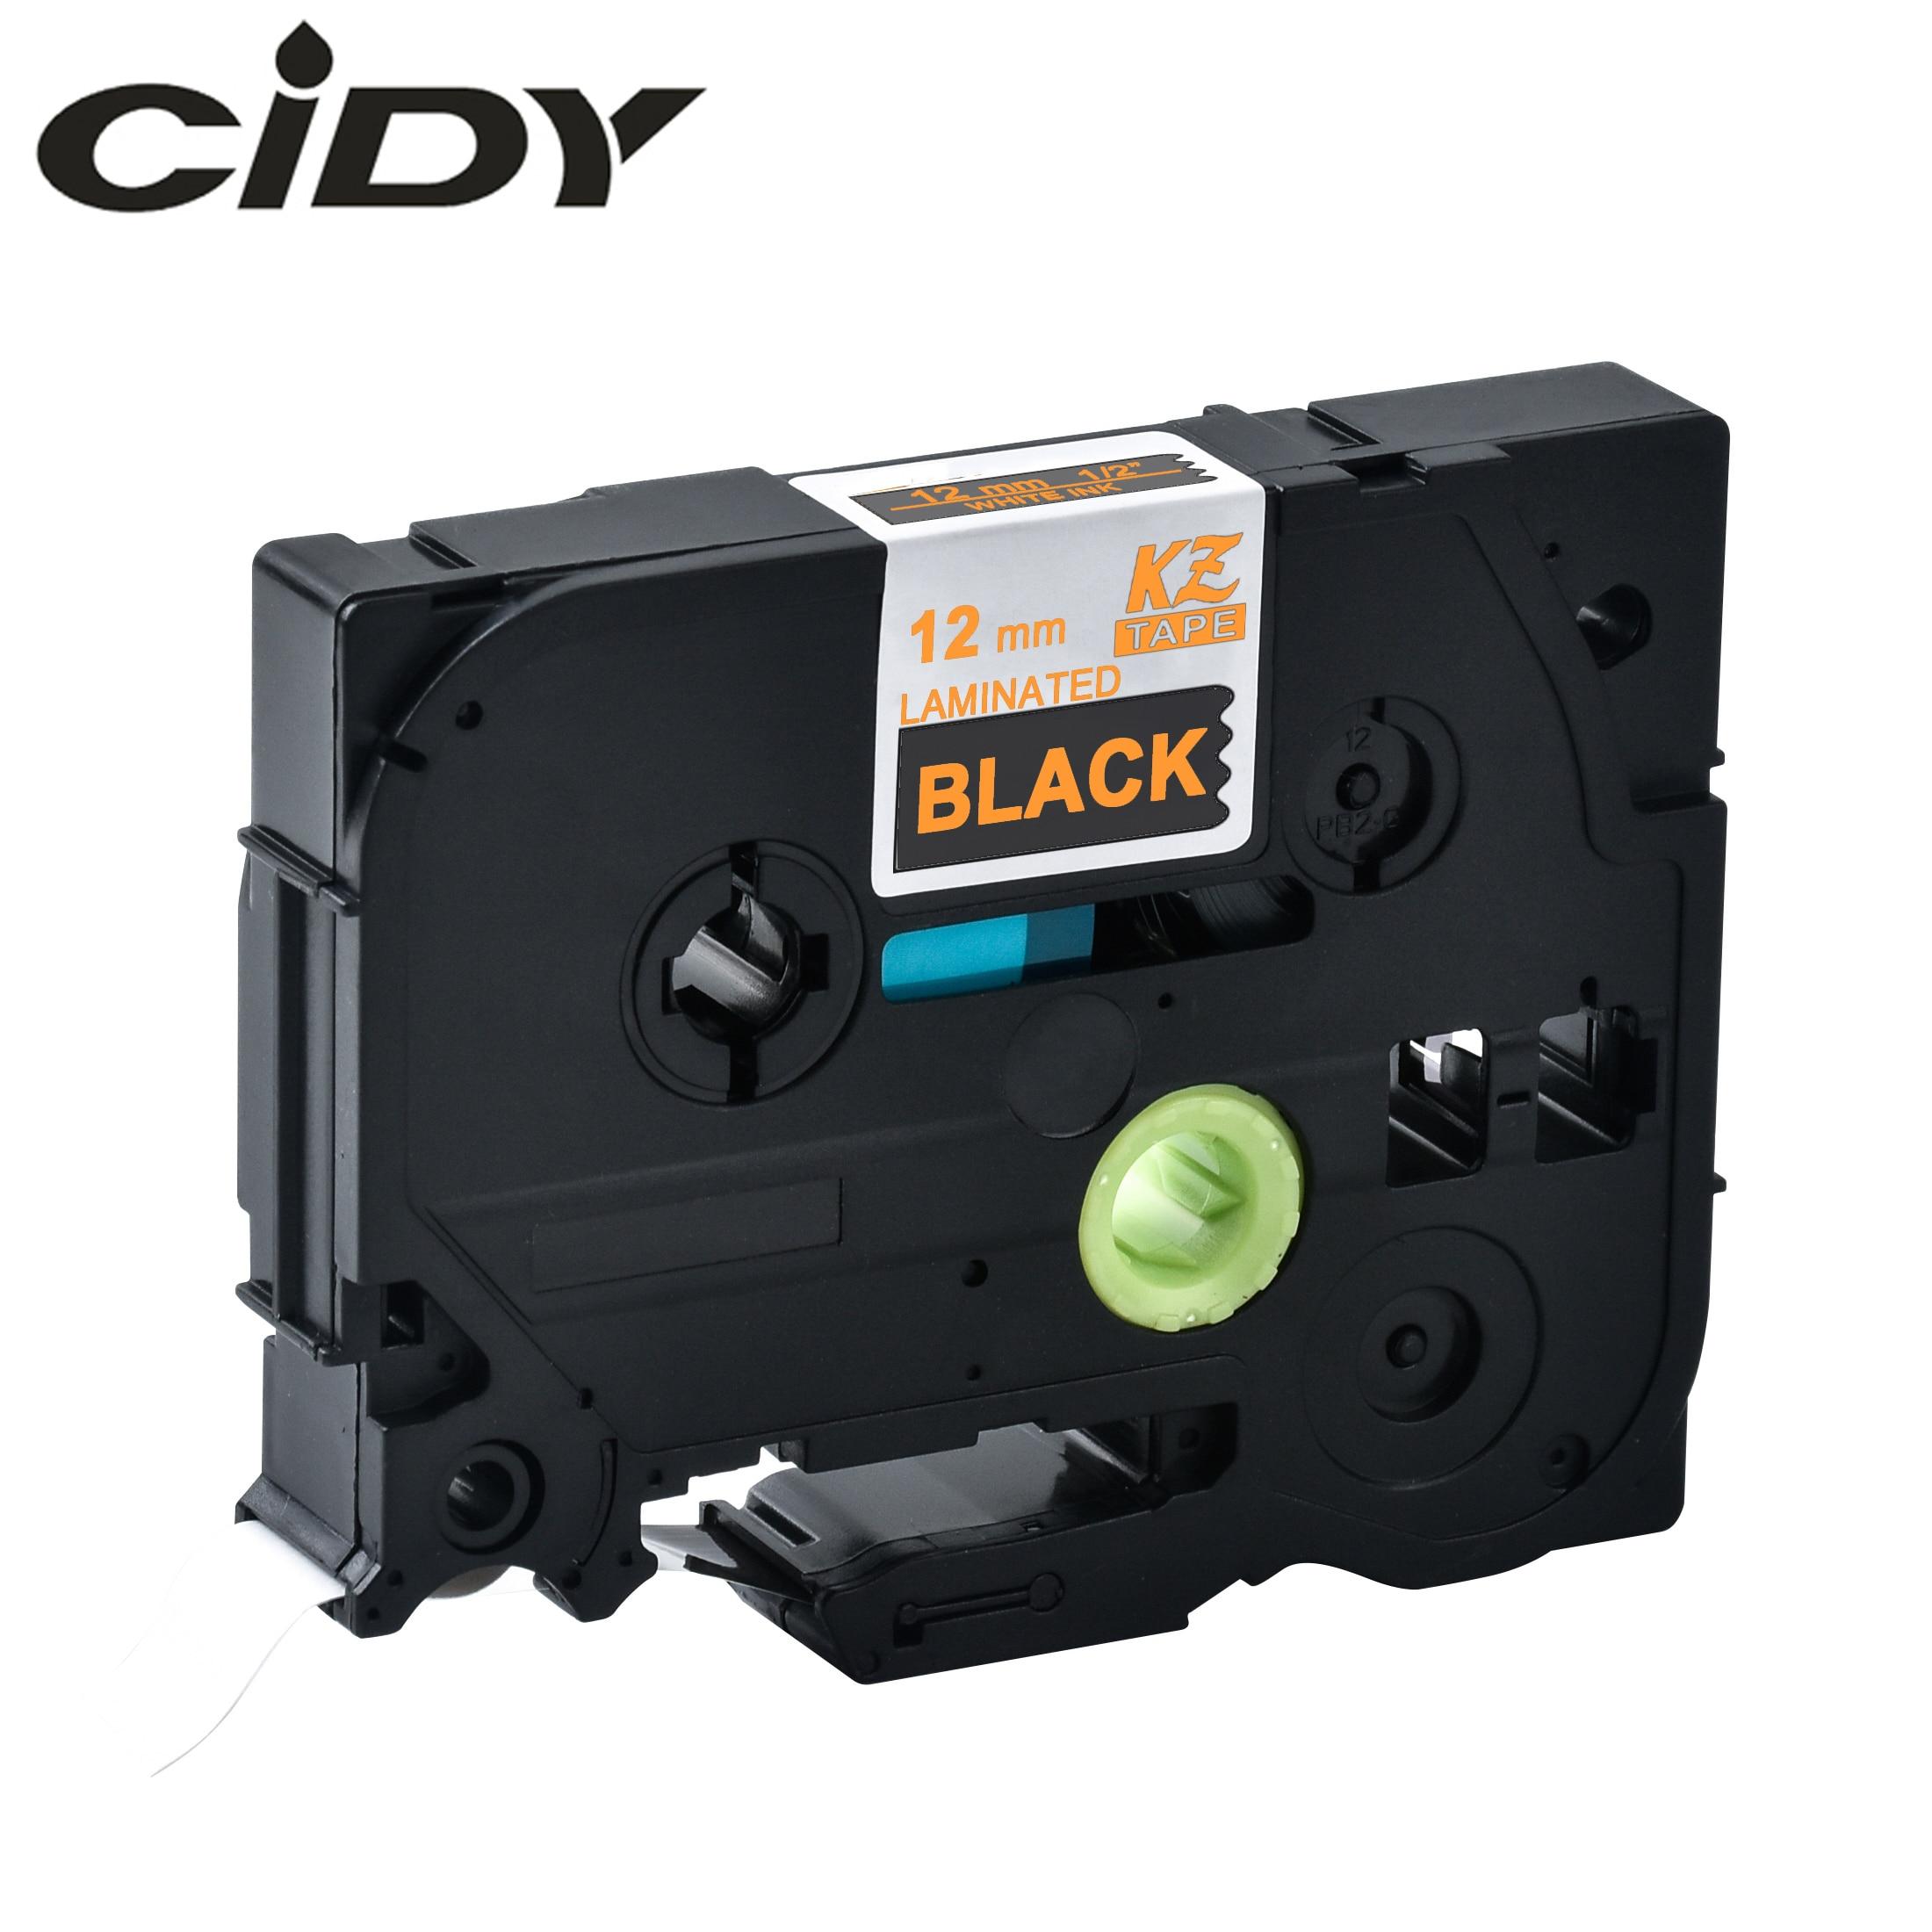 CIDY Tze 334 Tz334 Gold On Black Laminated Compatible P Touch 12mm Tze-334 Tz-334 Tze334 Label Tape Cassette Cartridge